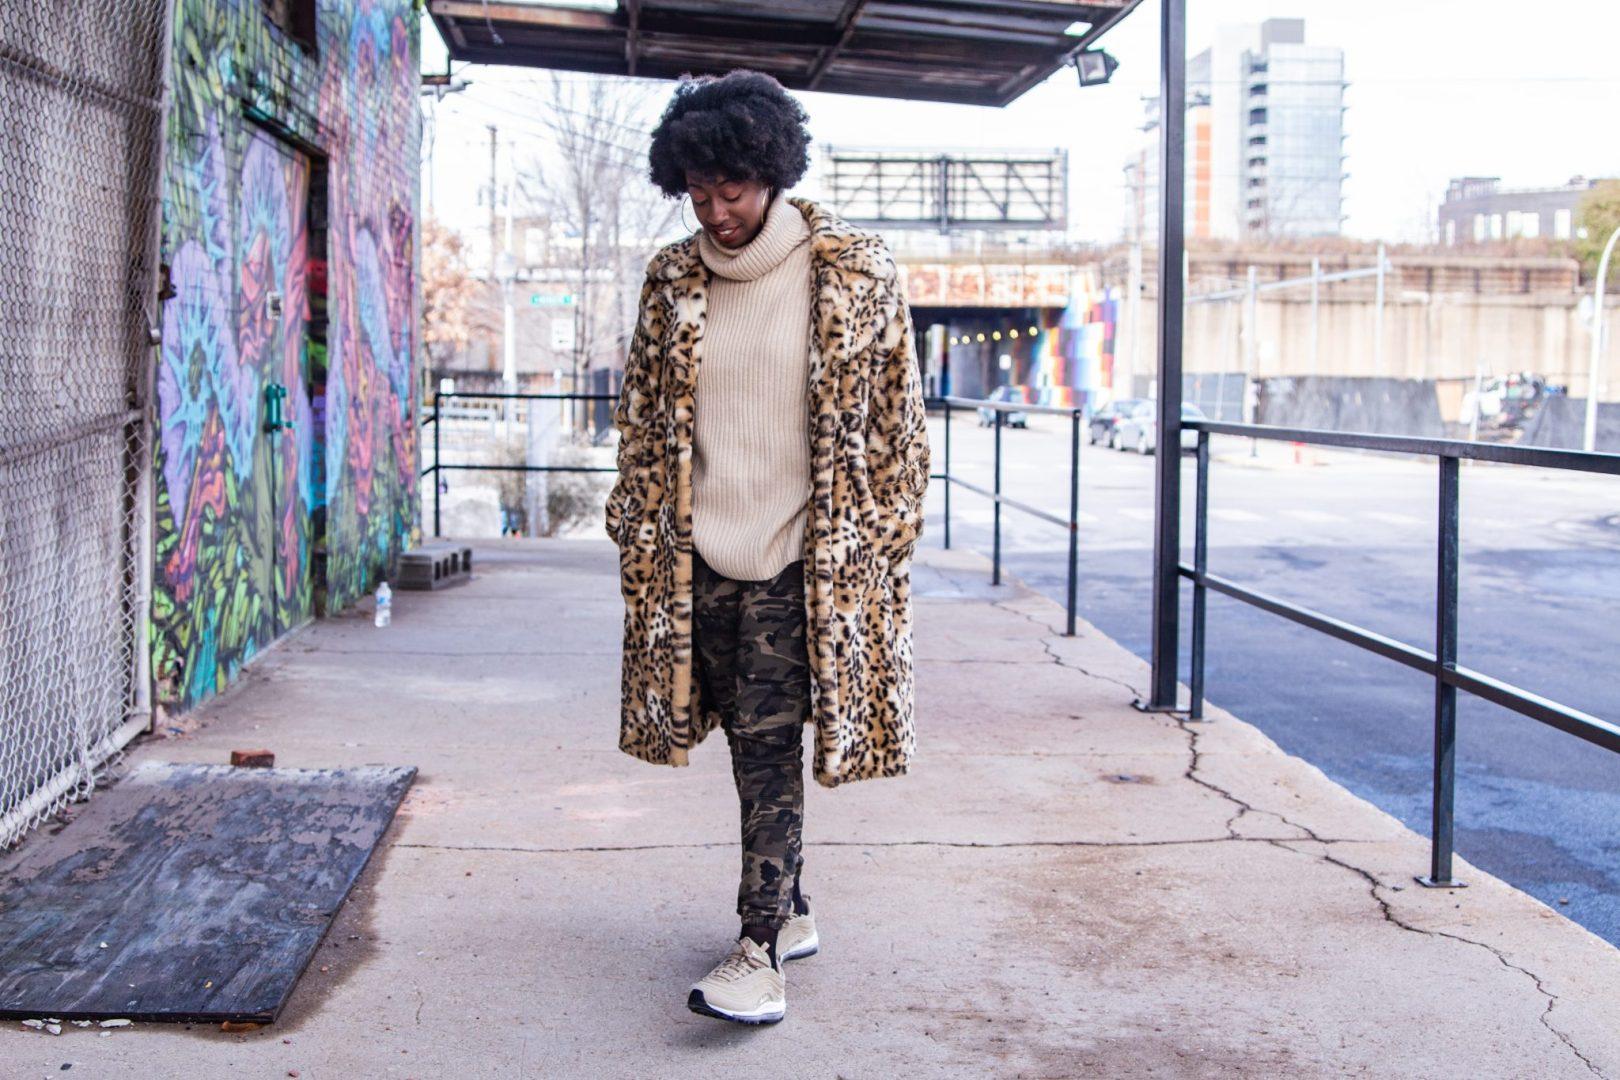 leopard-coat-camo-pants-mix-together